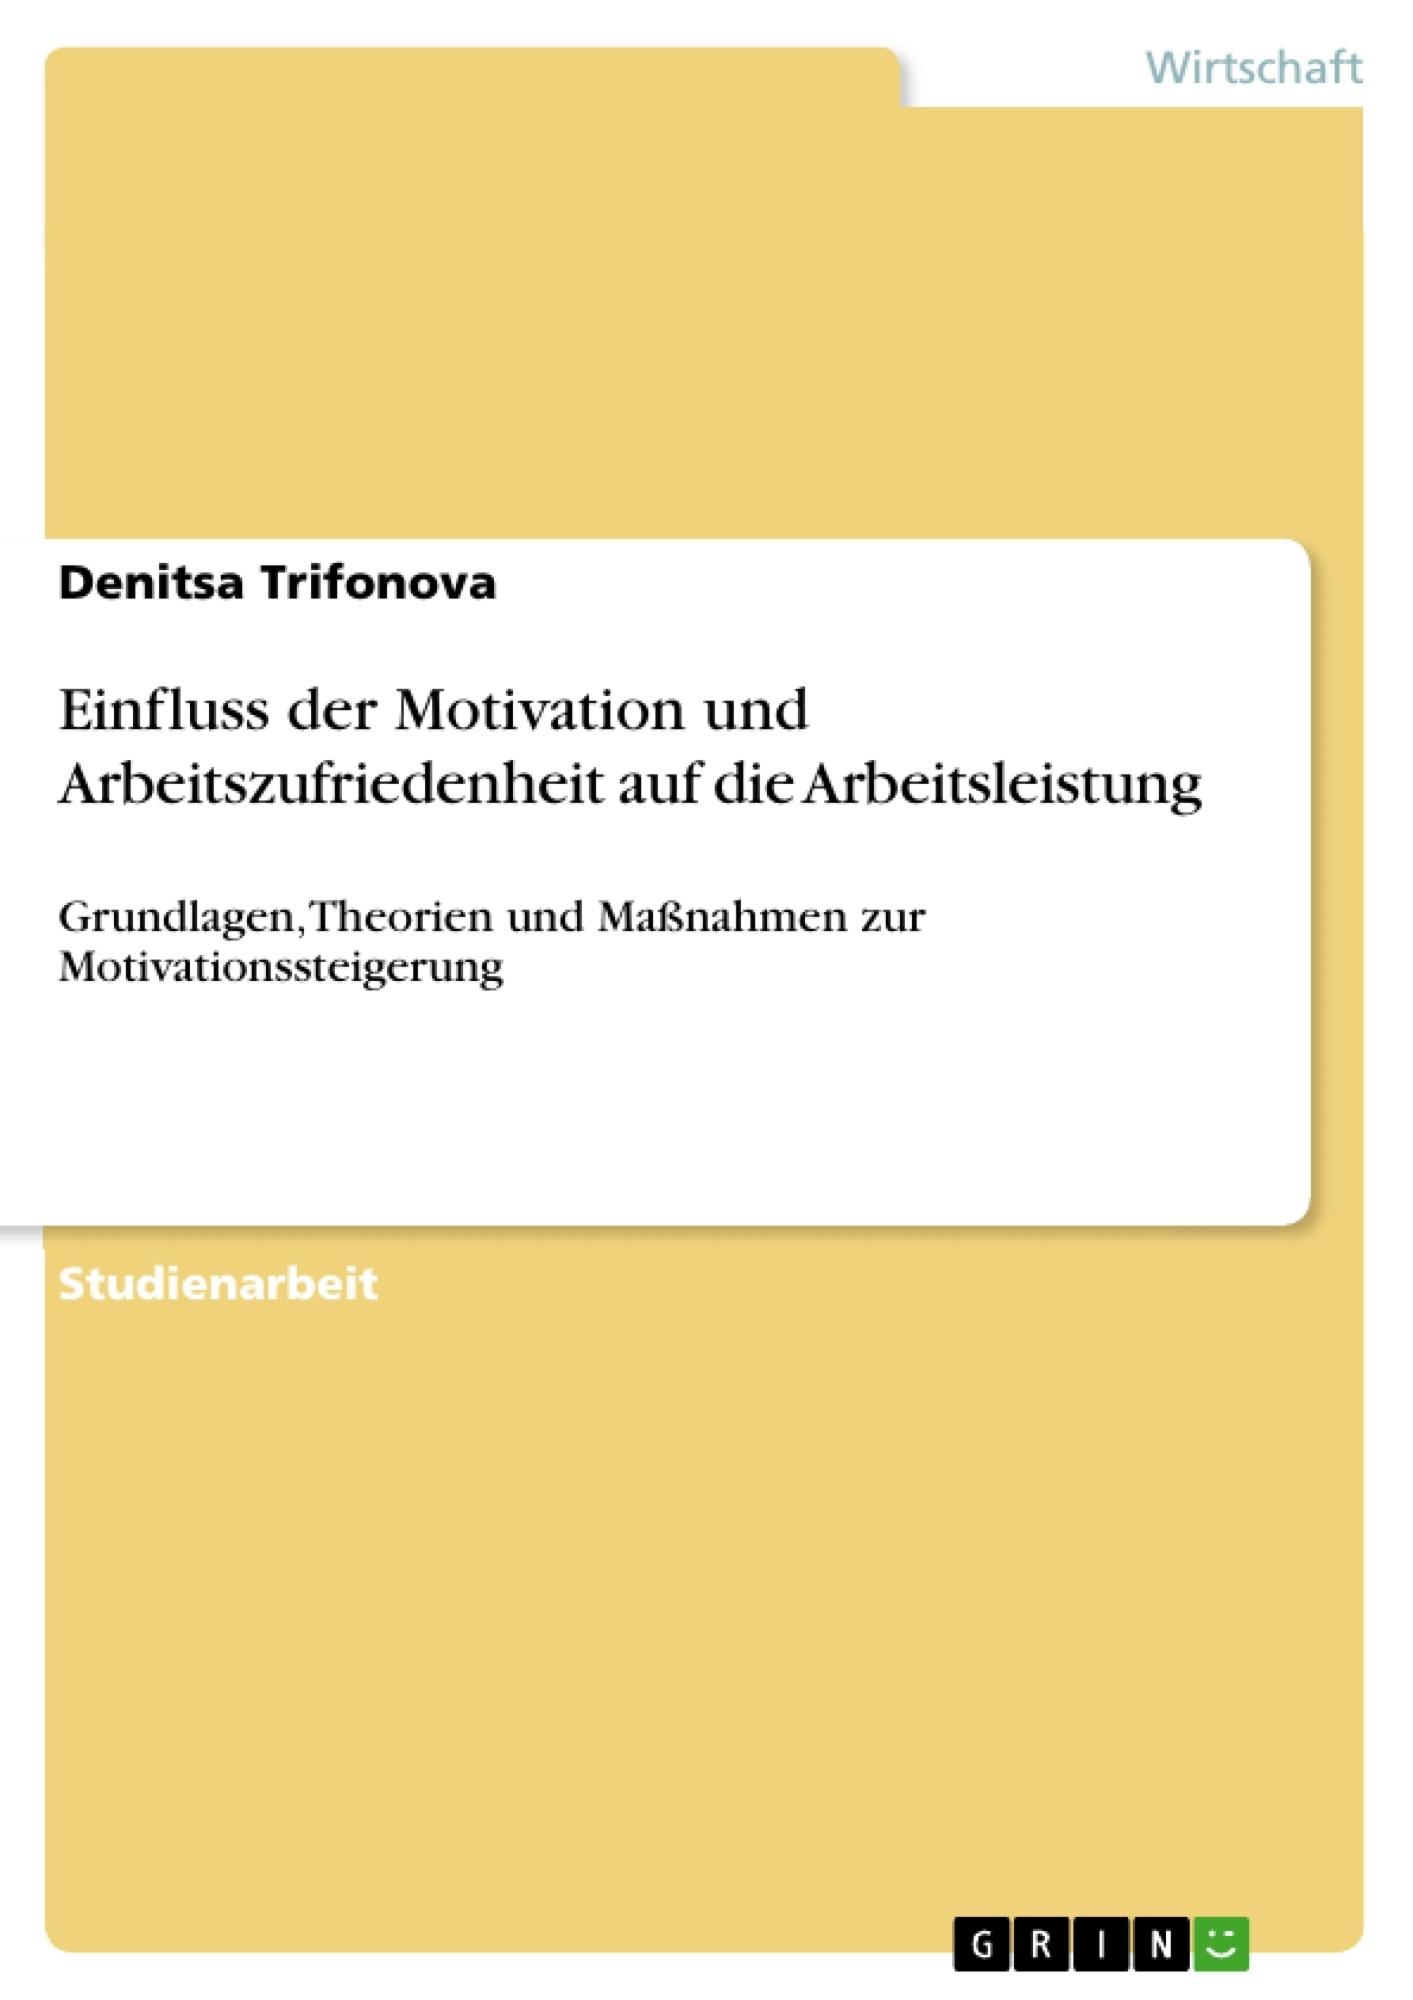 Titel: Einfluss der Motivation und Arbeitszufriedenheit auf die Arbeitsleistung